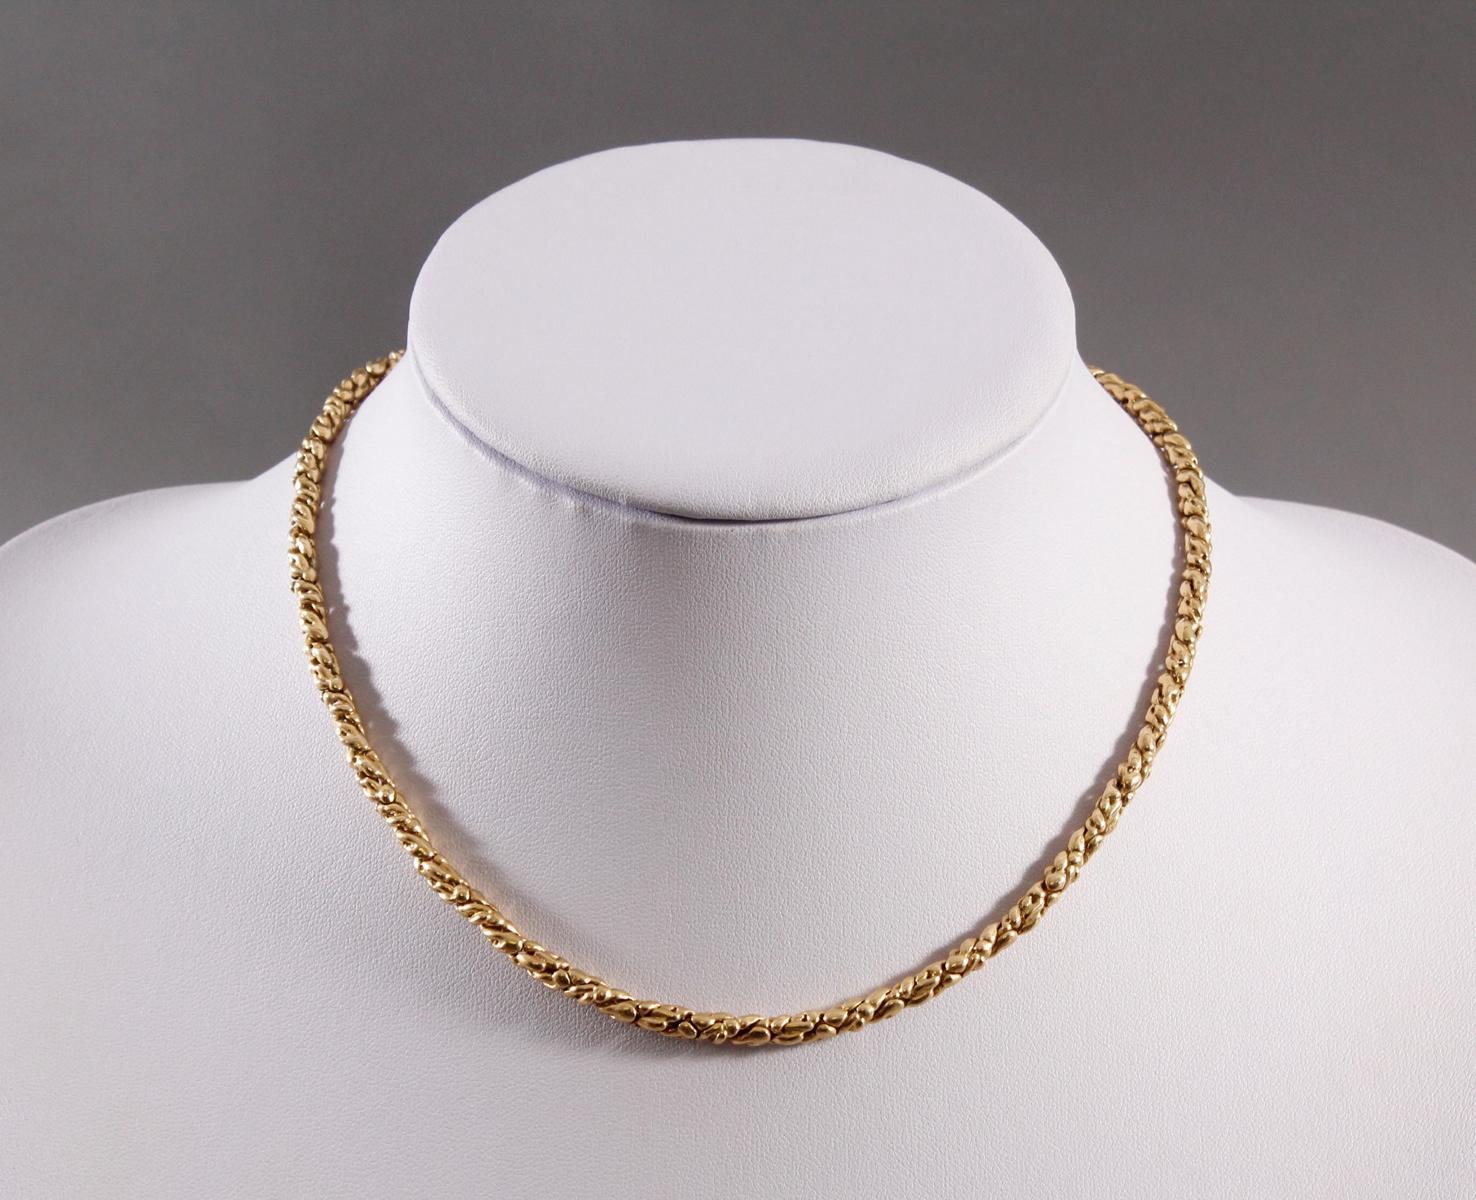 Königskette, 18 kt Gelbgold